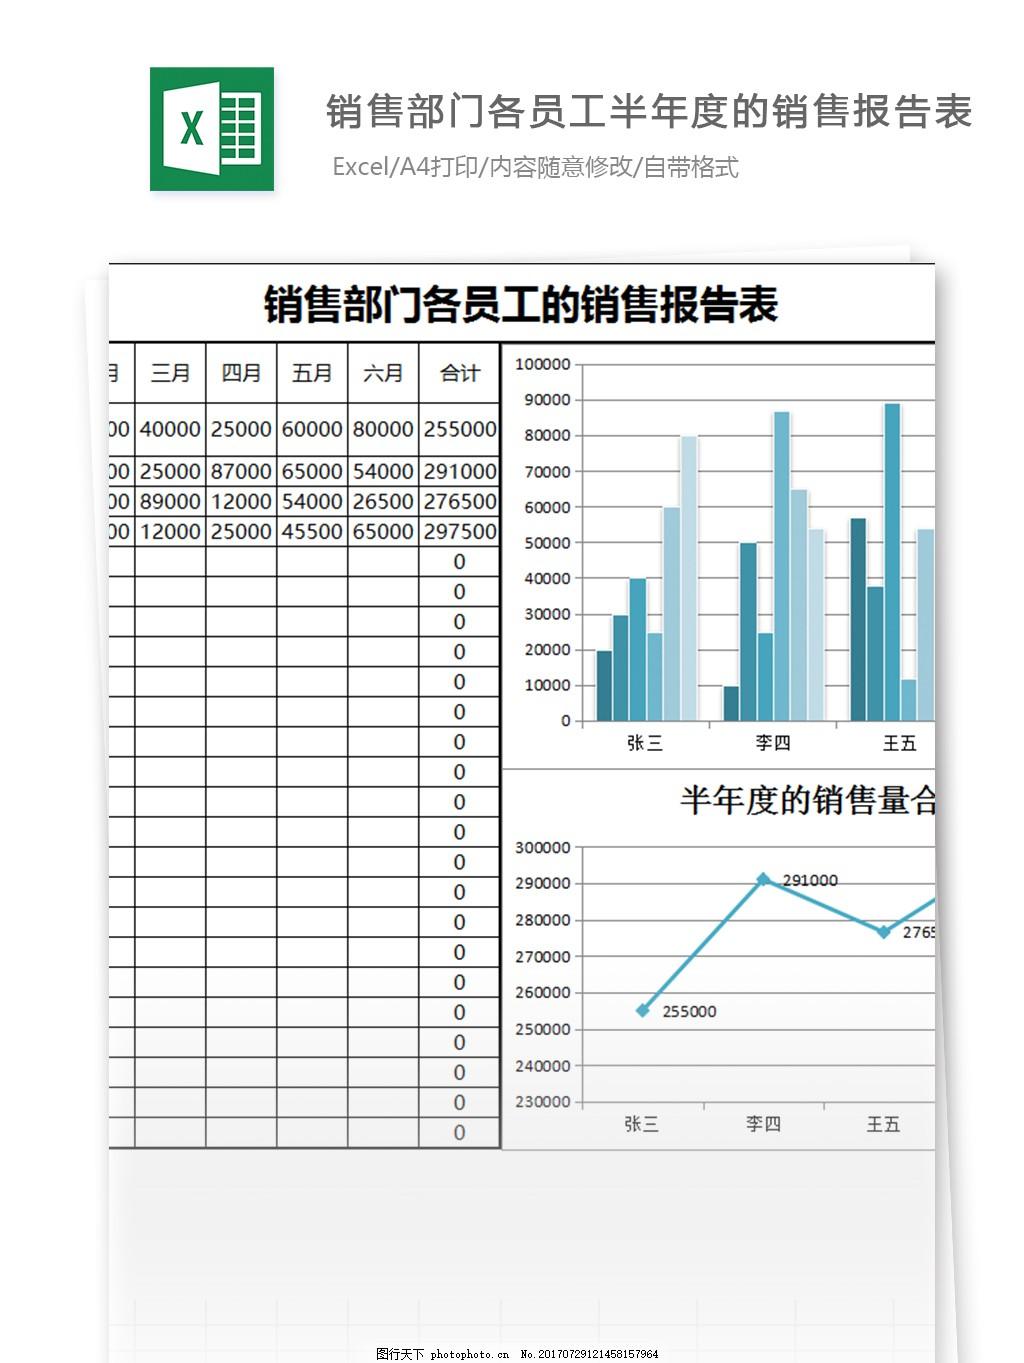 营销部门各员工半年度的报告表格模板 图表 表格设计 统计 报表